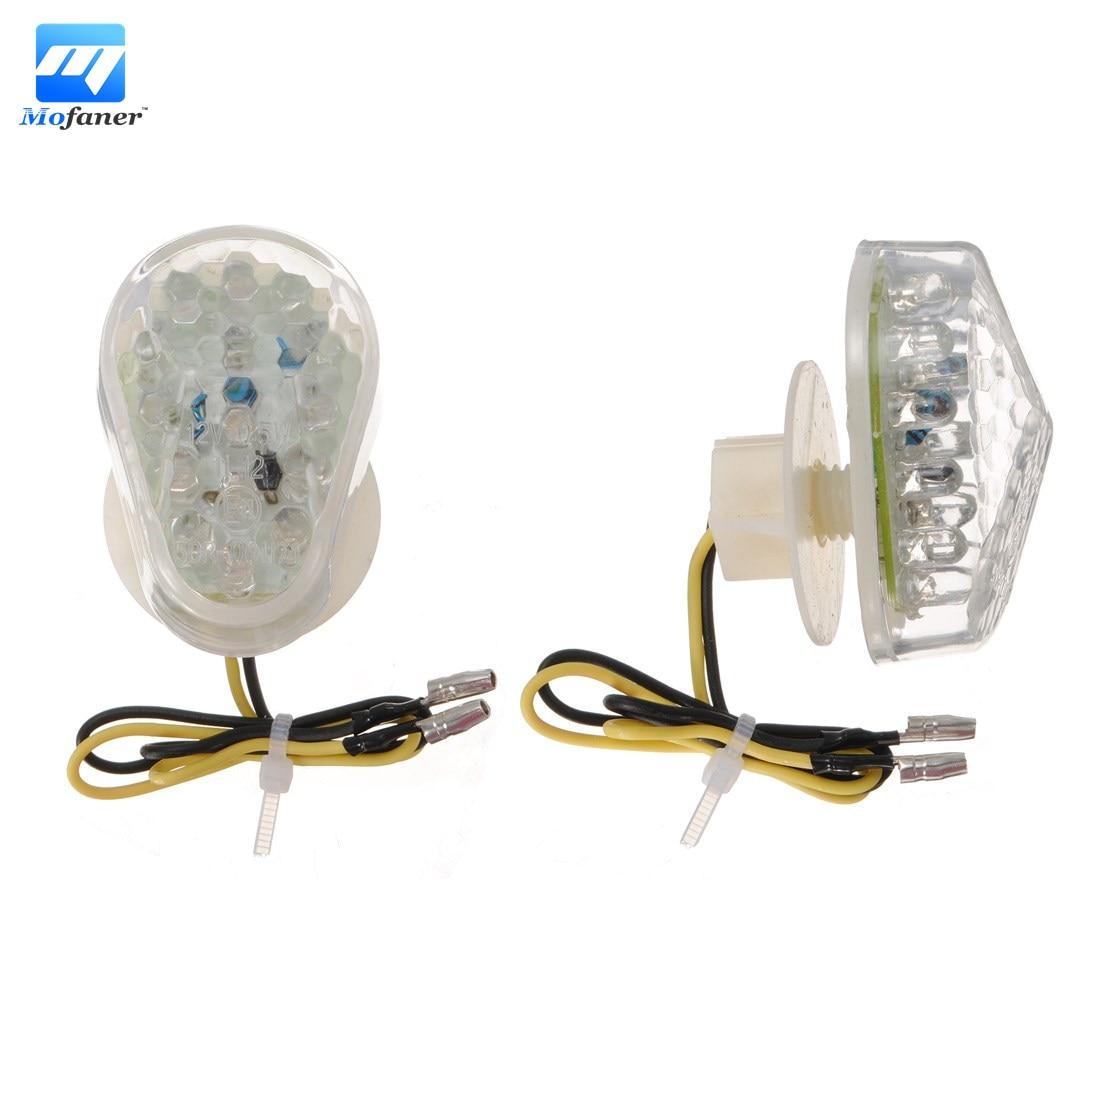 2 PCS Flush Mount LED Turn Signal Lights For Kawasaki Ninja ZX7R 1996-2003 99 ZX12R 2000-2005